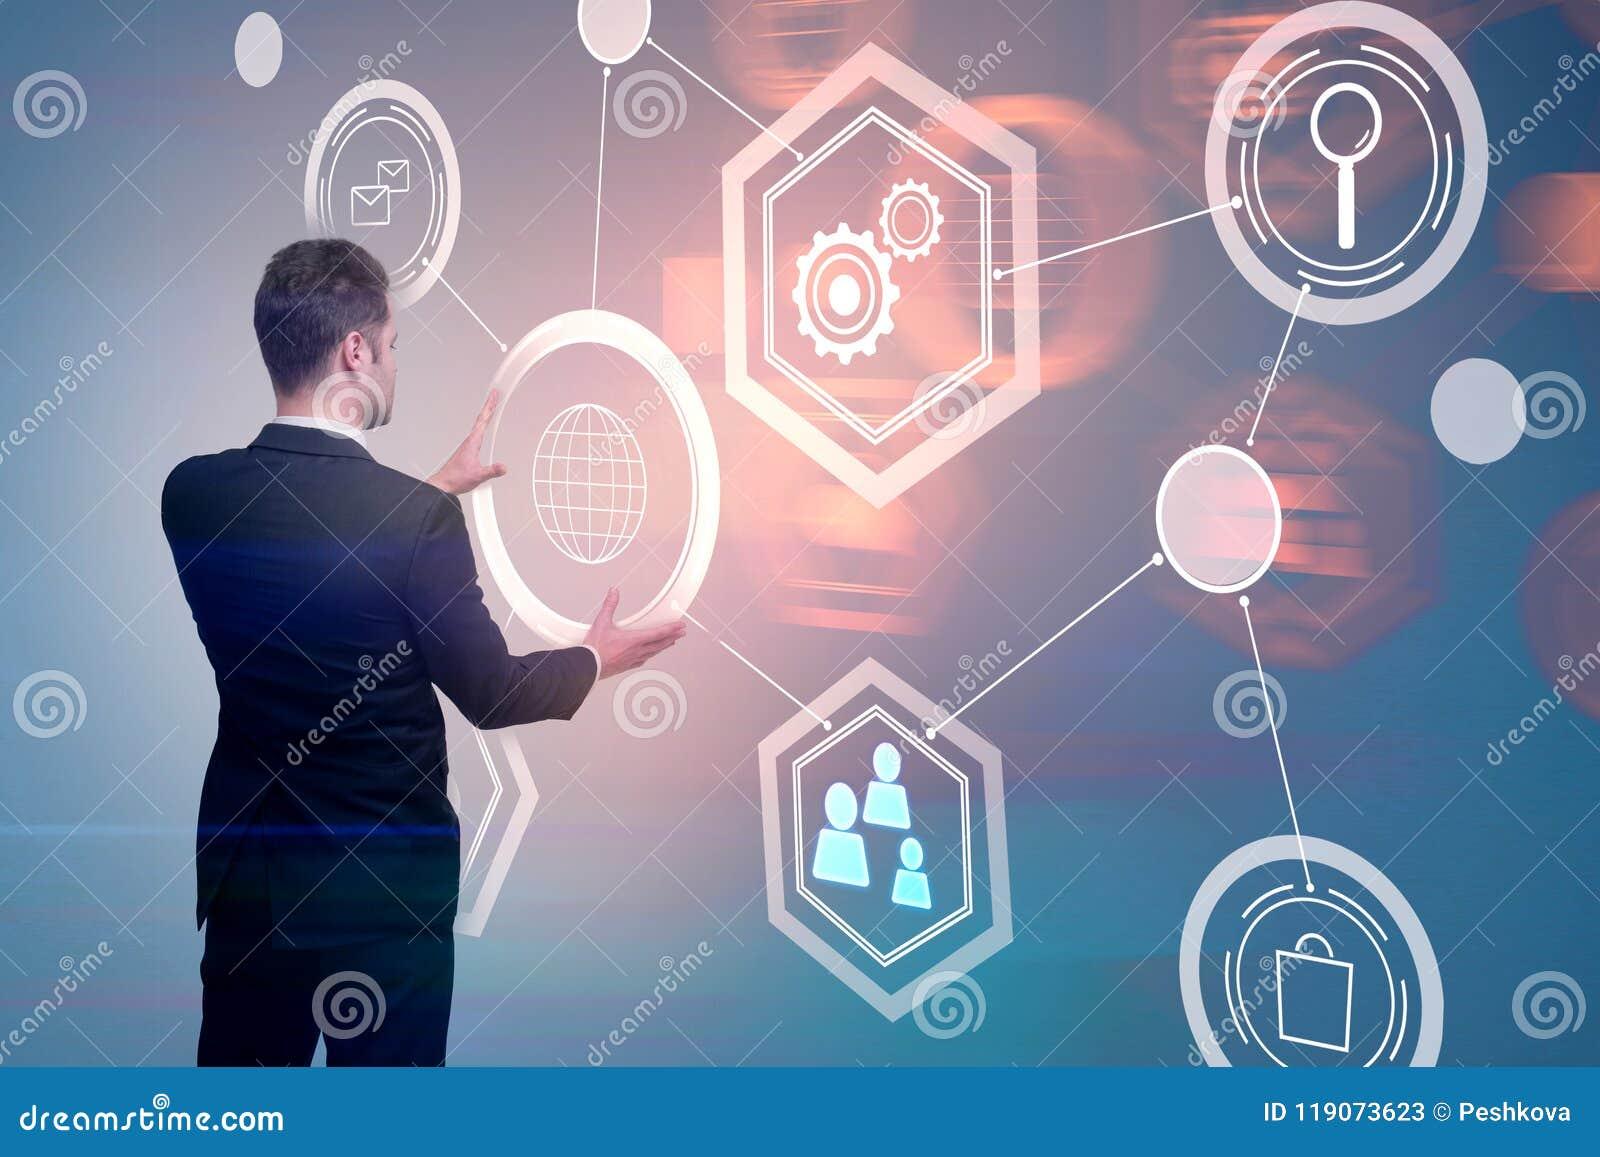 Blockchain e concetto di finanza